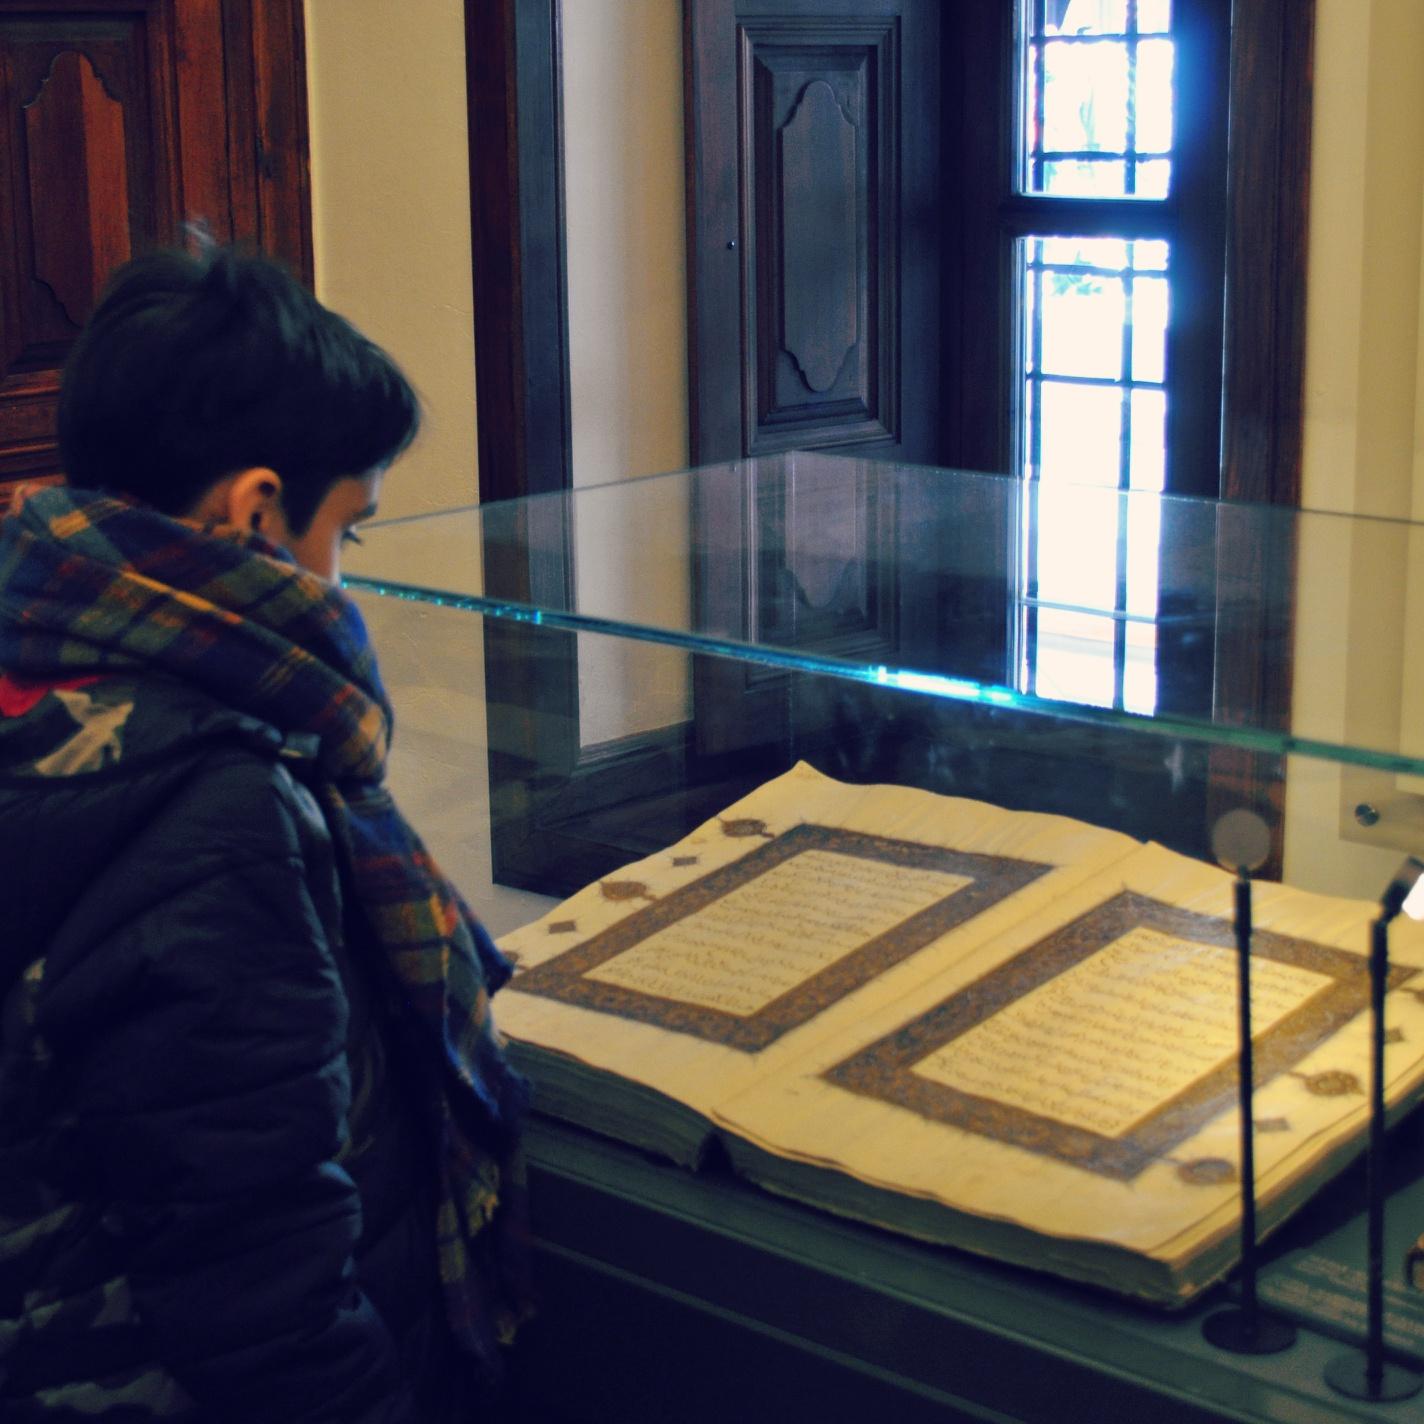 Farhad Hunarwar Reading The Book